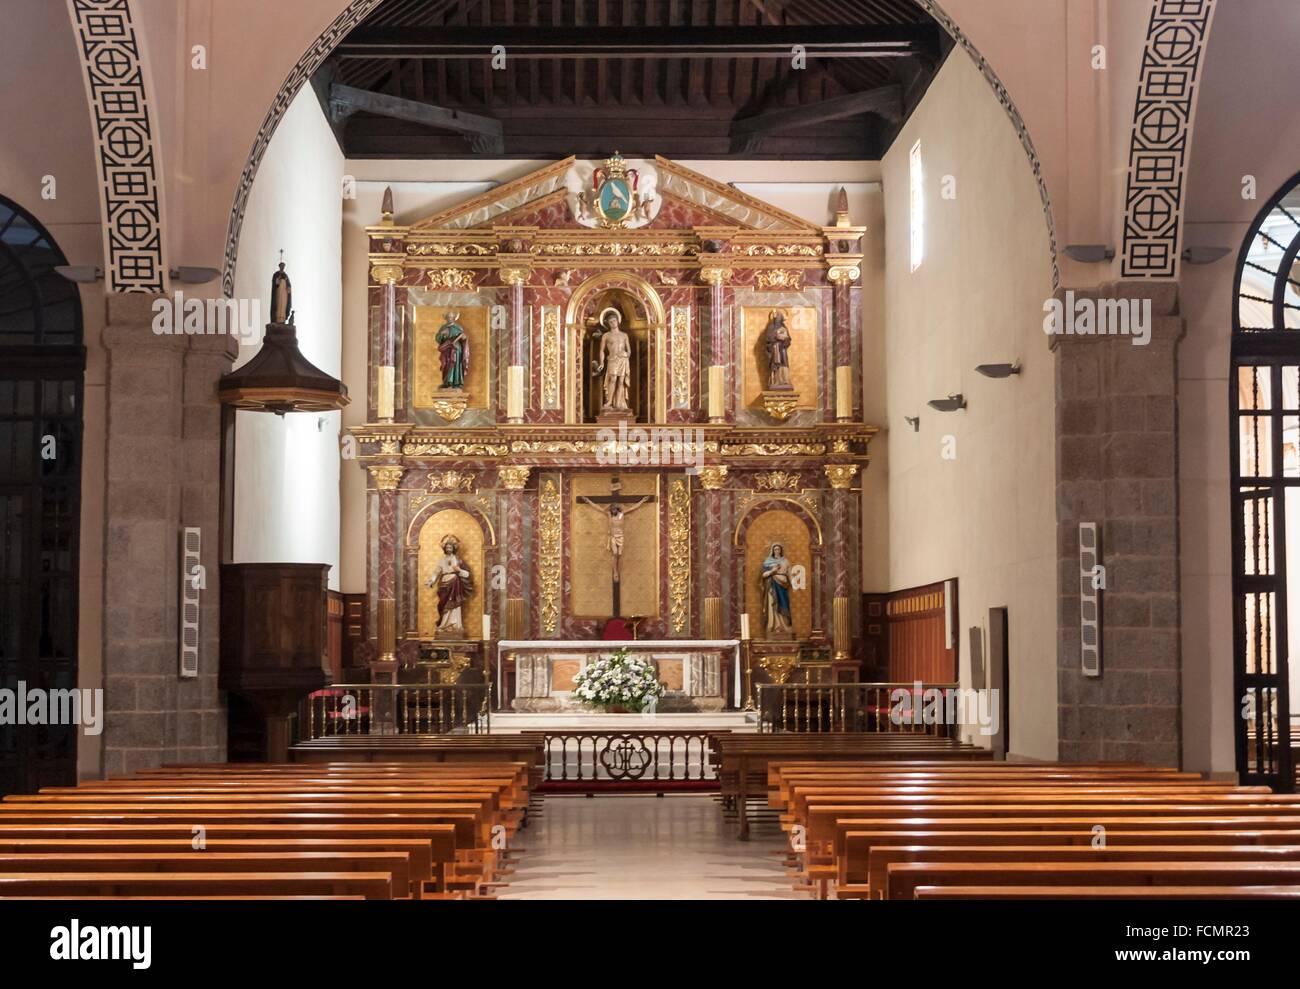 iglesia de san sebasti n en san sebasti n de los reyes madrid stock photo 93884843 alamy. Black Bedroom Furniture Sets. Home Design Ideas